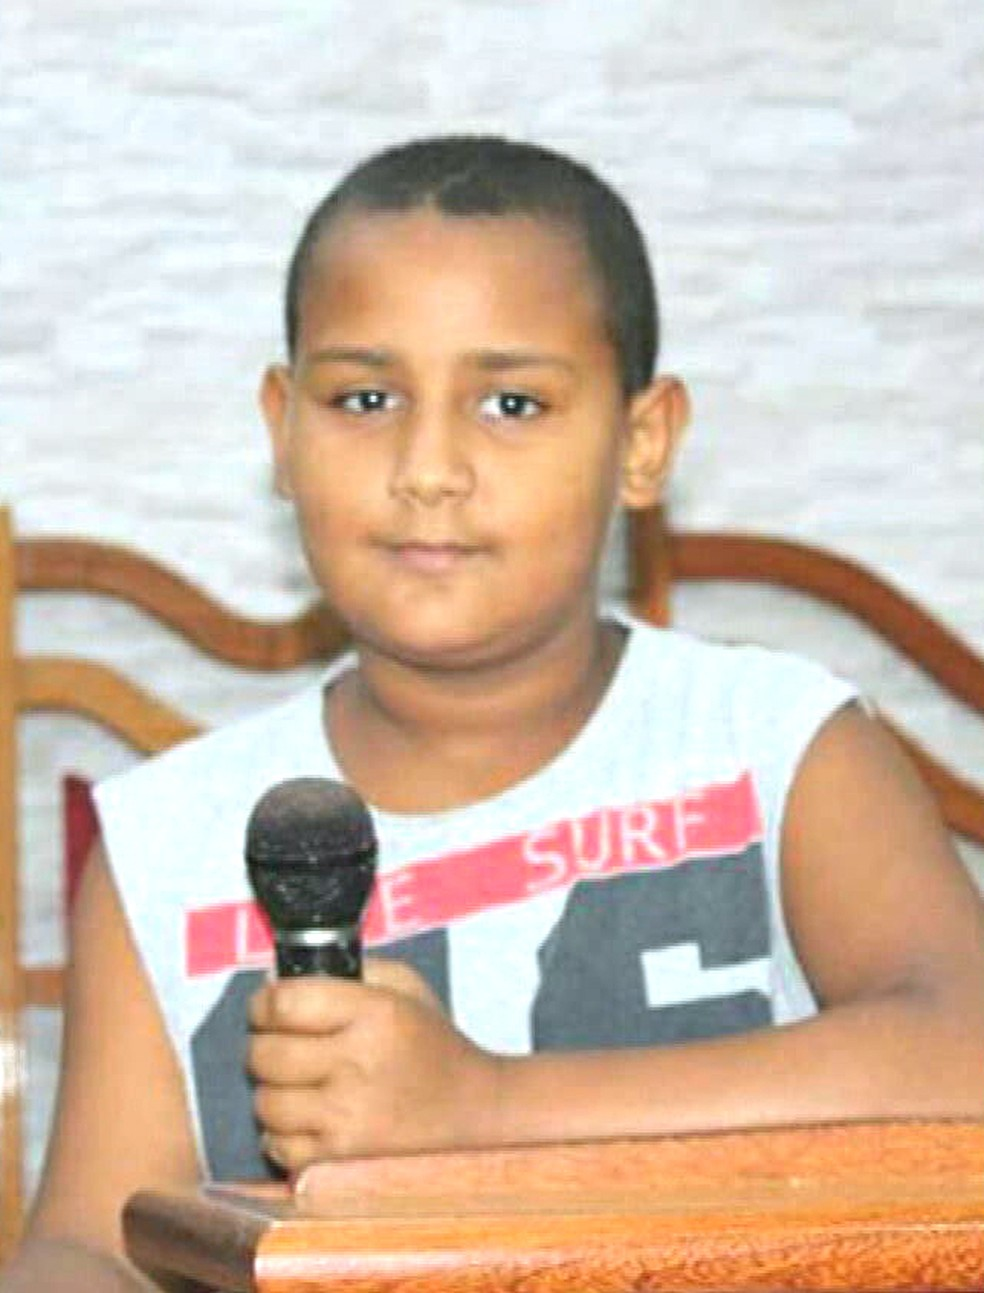 Leônidas da Silva Oliveira, de 12 anos, que morreu após ser baleado na porta de um supermercado na Avenida Brasil — Foto: Reprodução/TV Globo